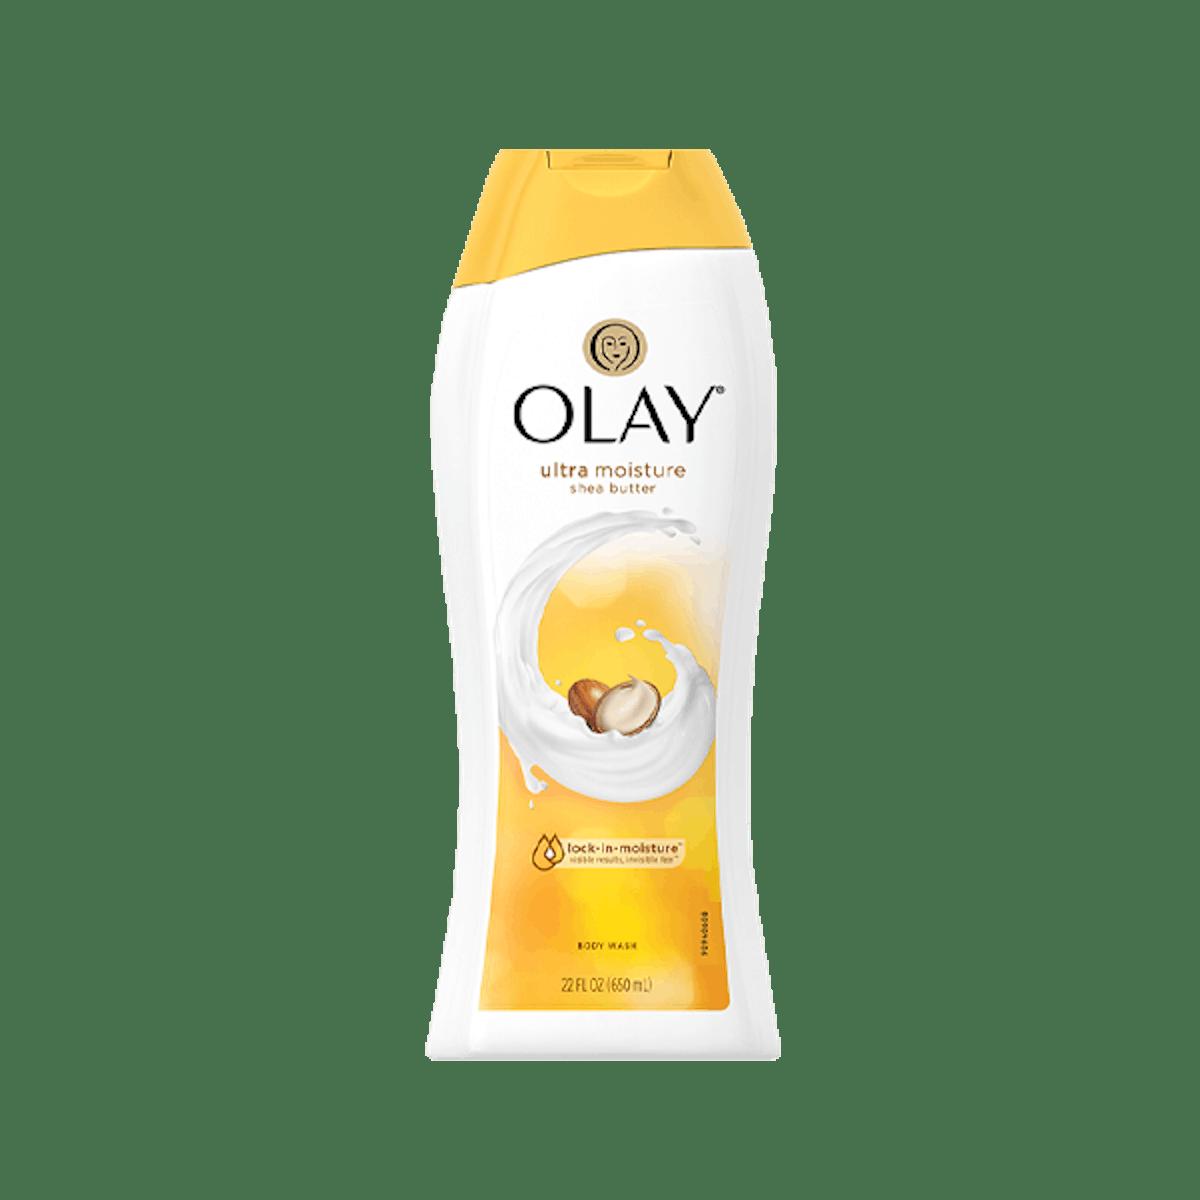 Ultra Moisture Body Wash